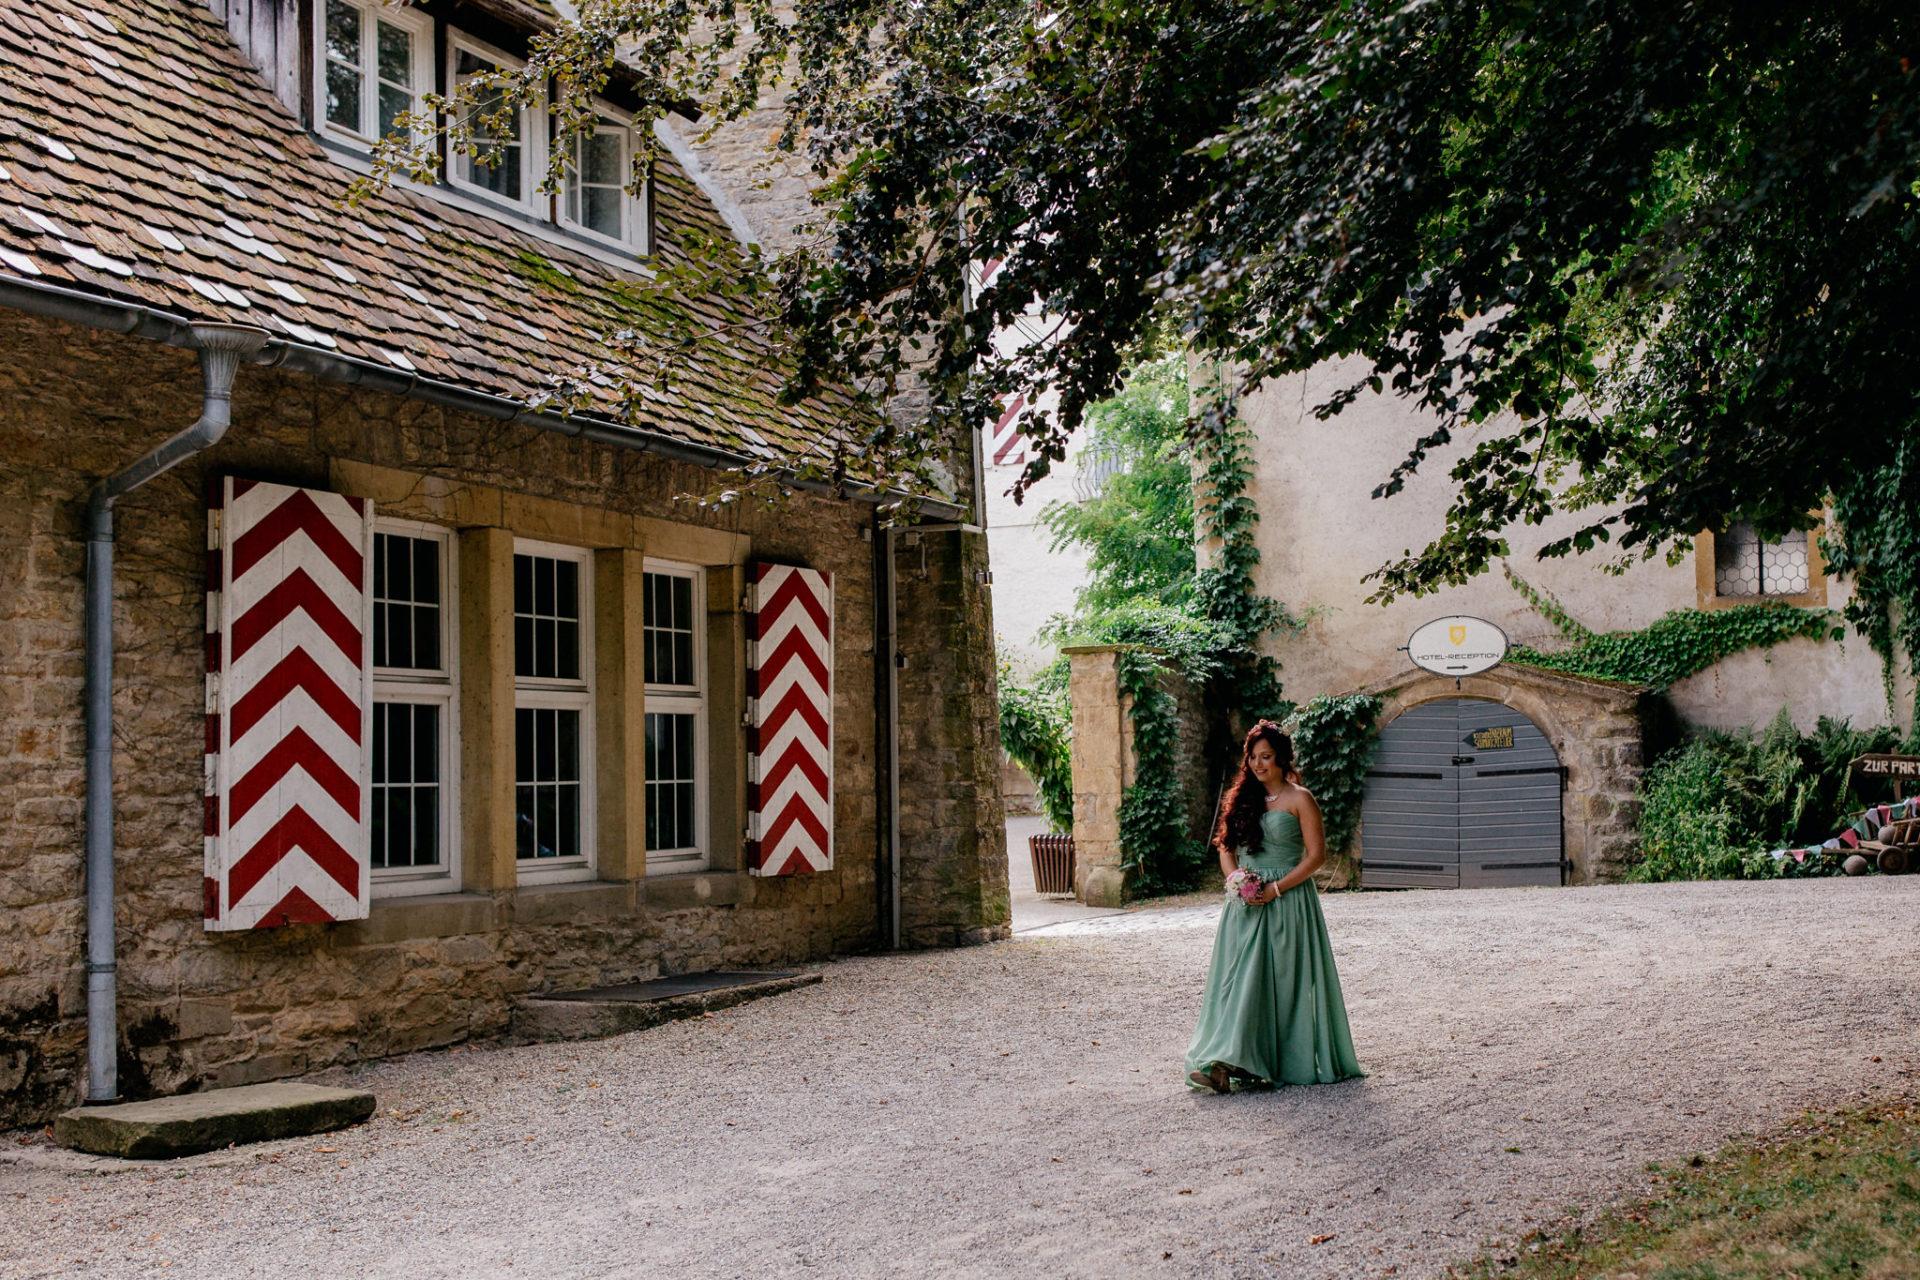 hochzeitsfotograf schloss heinsheim-elegant heiraten-Schafstall Heinsheim-Natürliche Portraits-Umgestellte Hochzeitsbilder-Freie Trauung-Brautjungfer